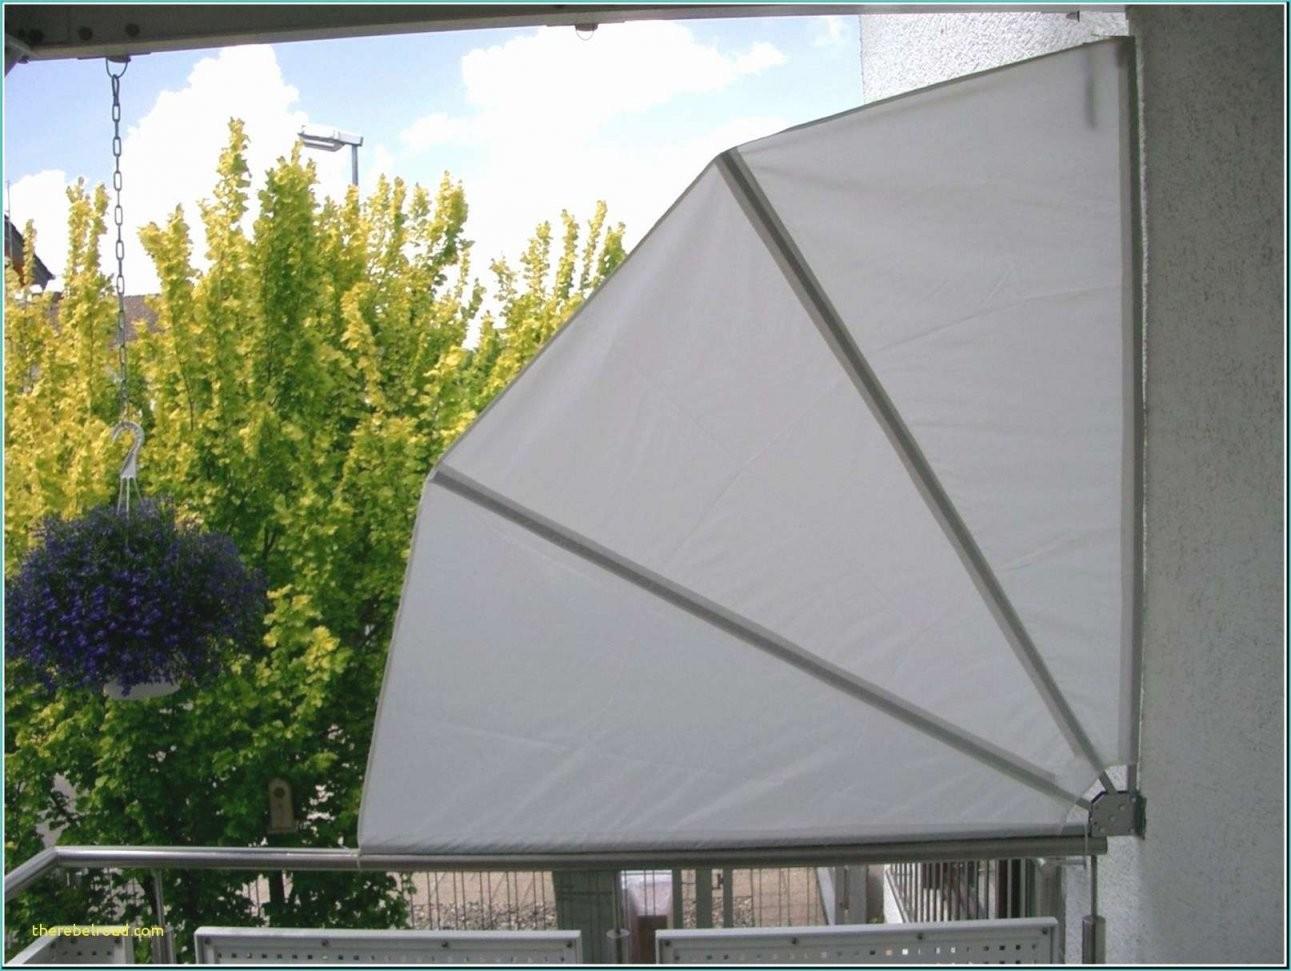 Sichtschutz Balkon Seitlich Ohne Bohren 42 Beispiel Design Von von Seitlicher Sichtschutz Für Balkon Ohne Bohren Photo